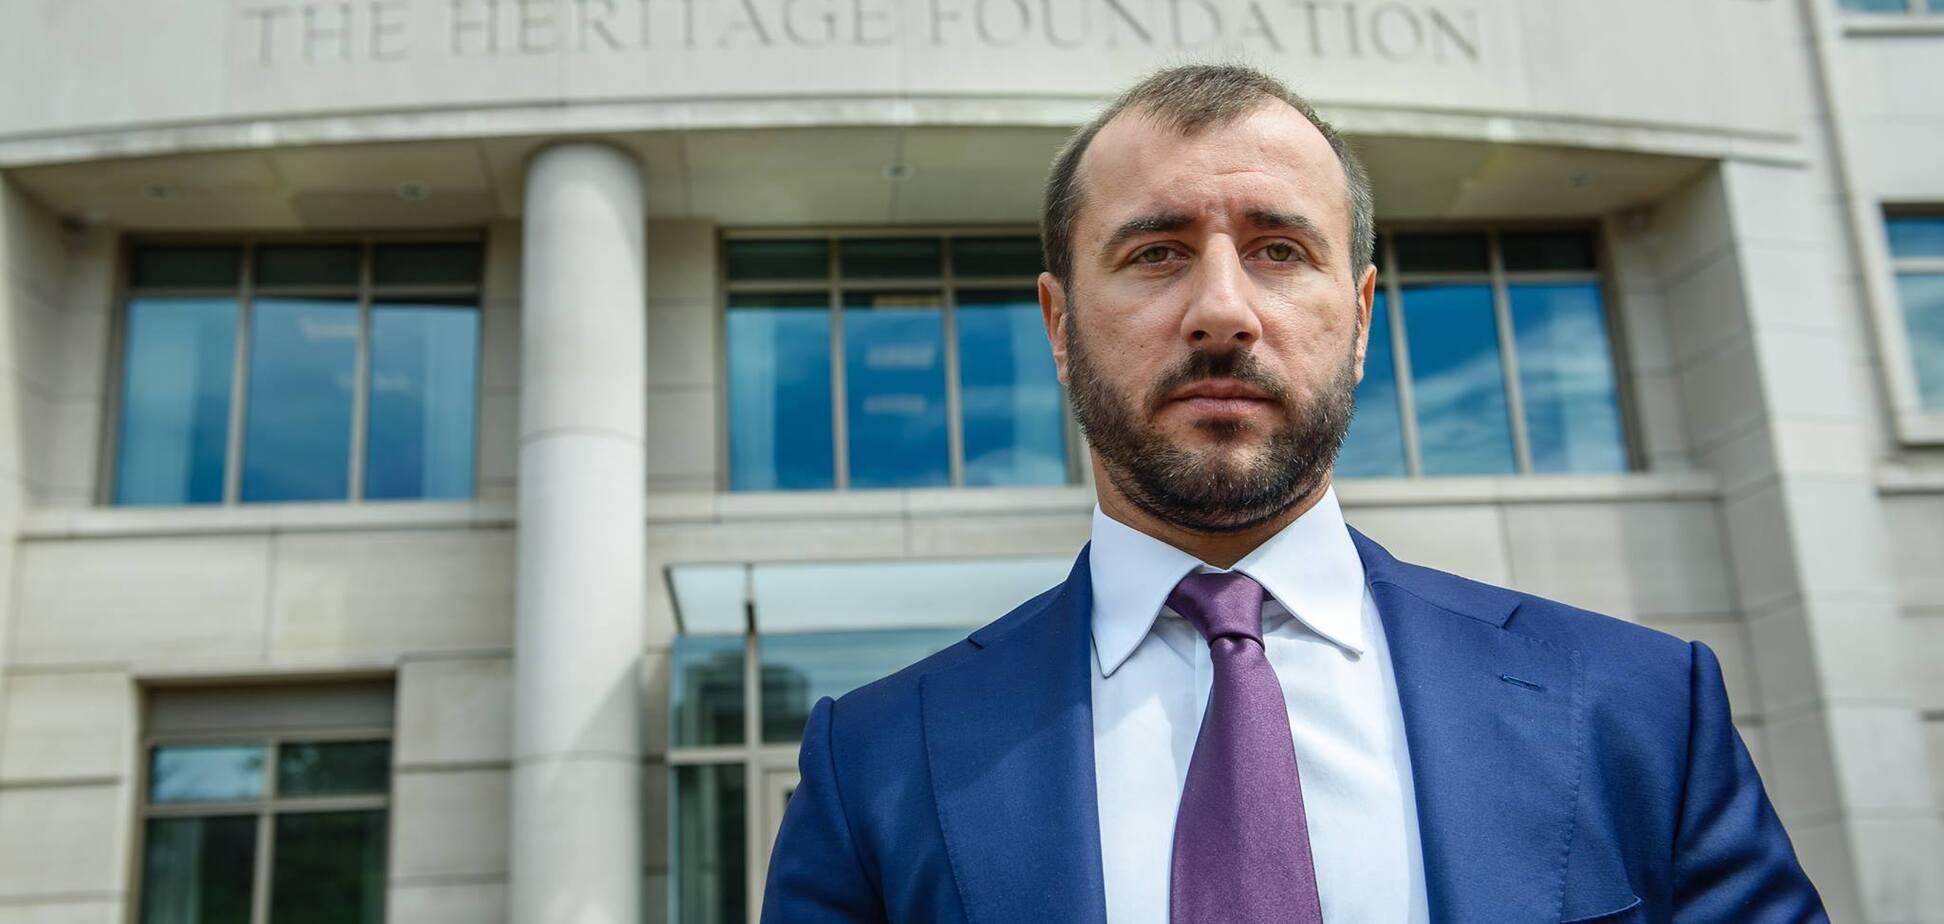 Нацбанку срочно нужна стратегия восстановления доверия к банкам - Сергей Рыбалка